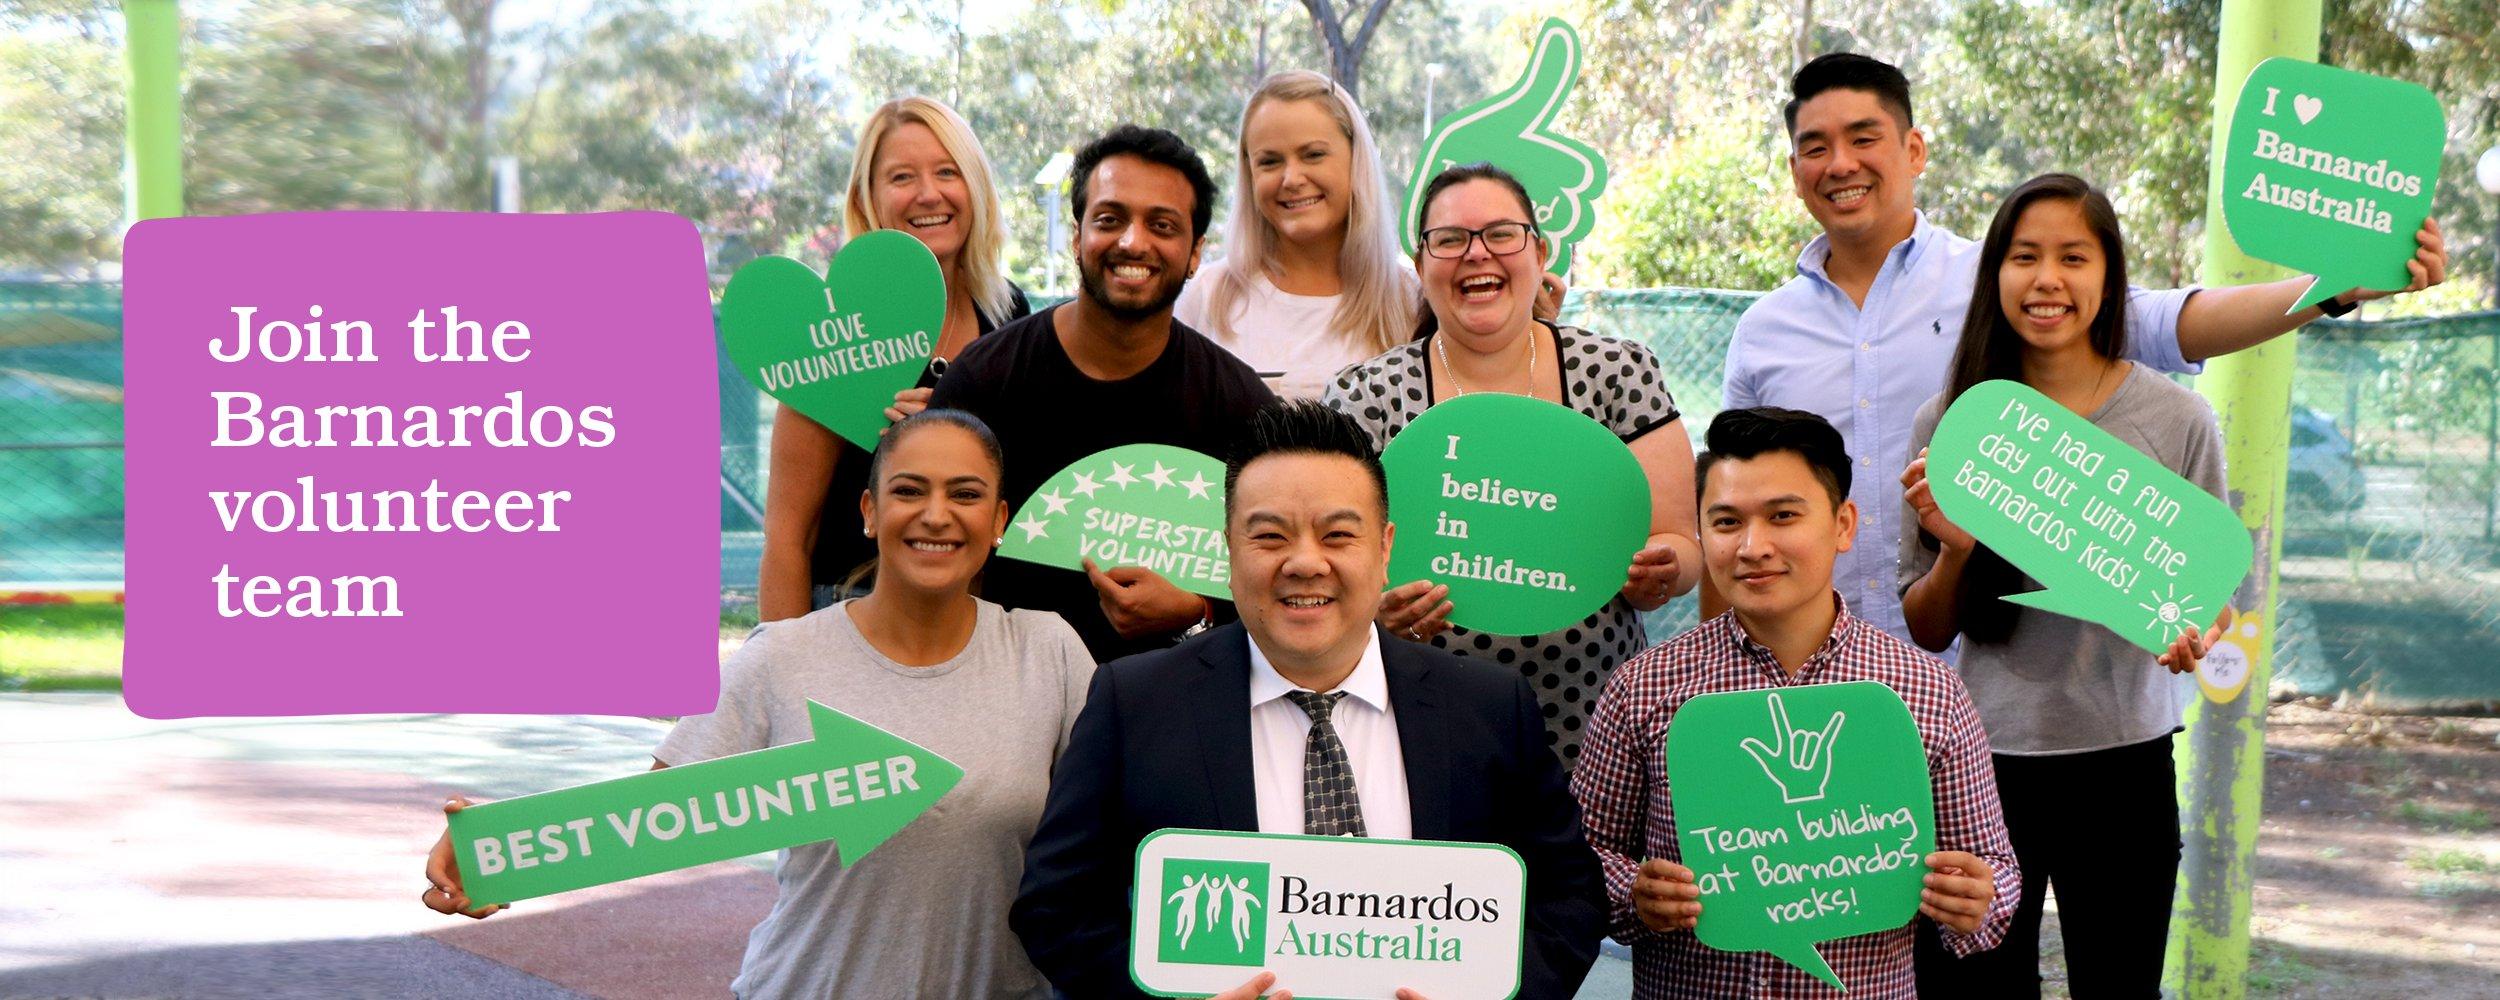 Join the Barnardos volunteer team